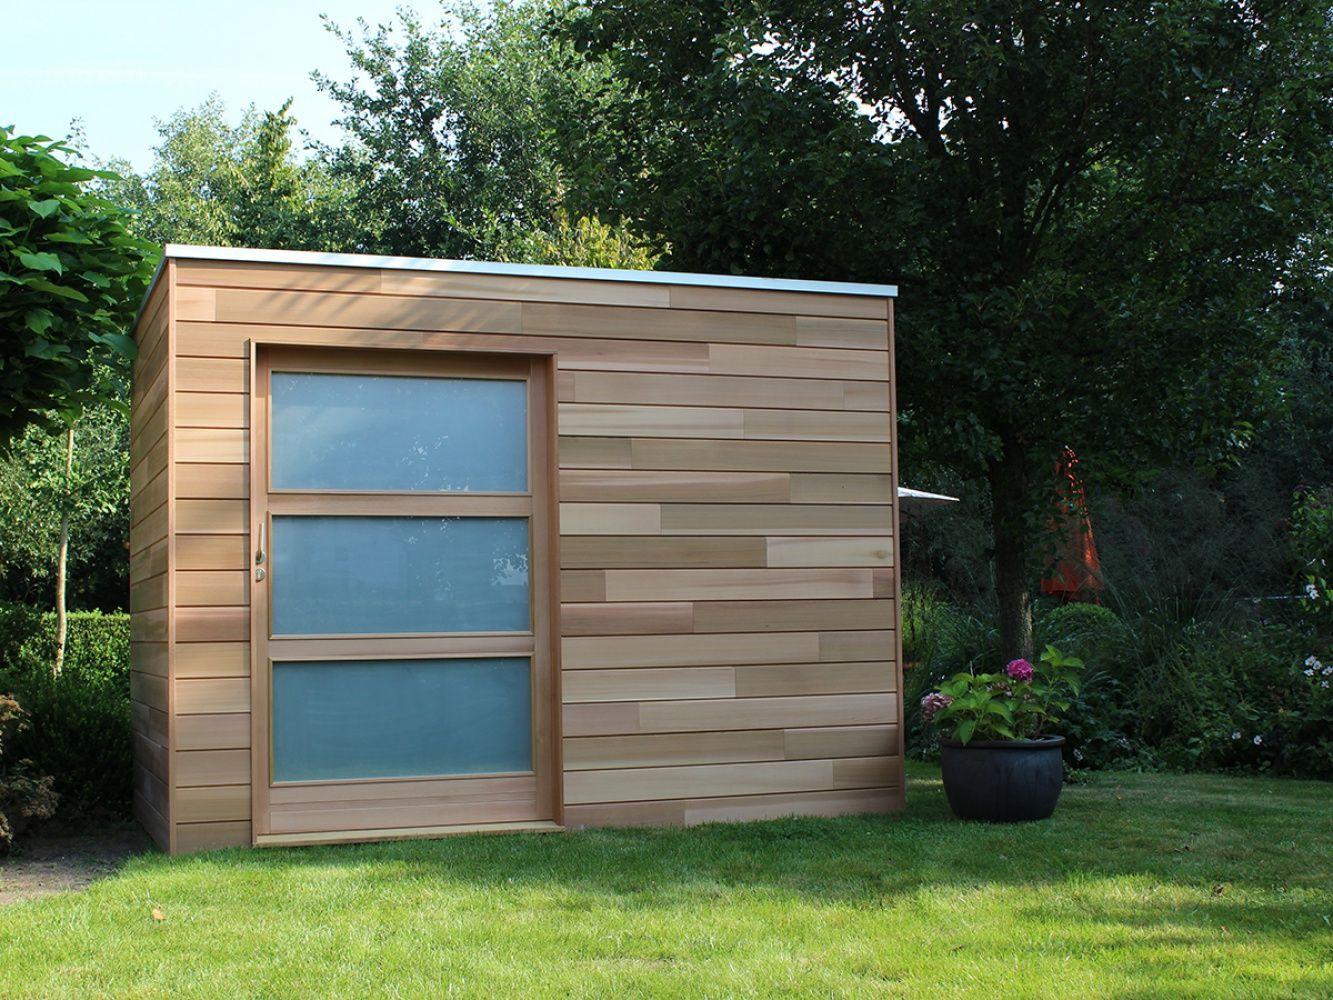 Cubeco Modern Houten Tuinhuis | Abri De Jardin, Jardin ... à Abri Jardin Contemporain